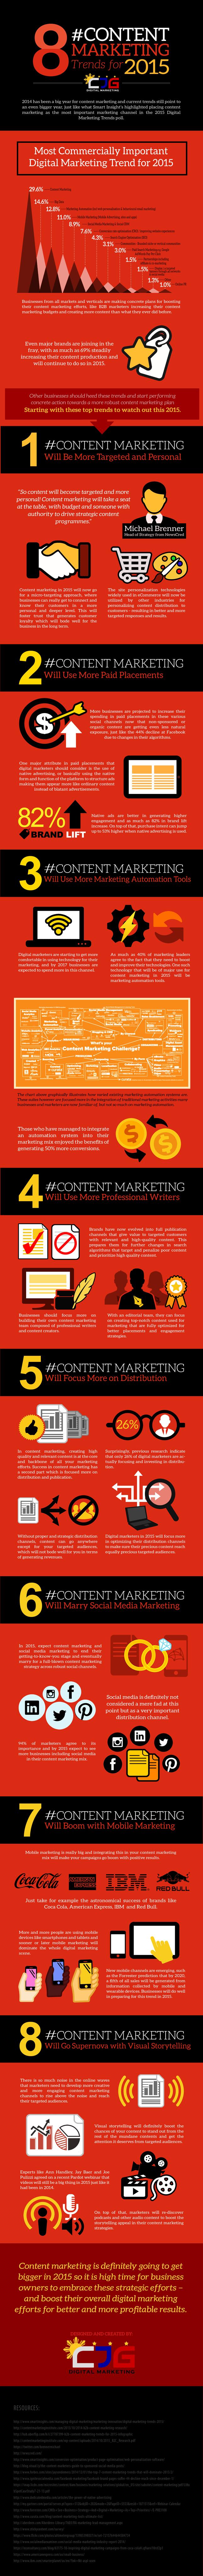 8 tendencias del Marketing de Contenidos